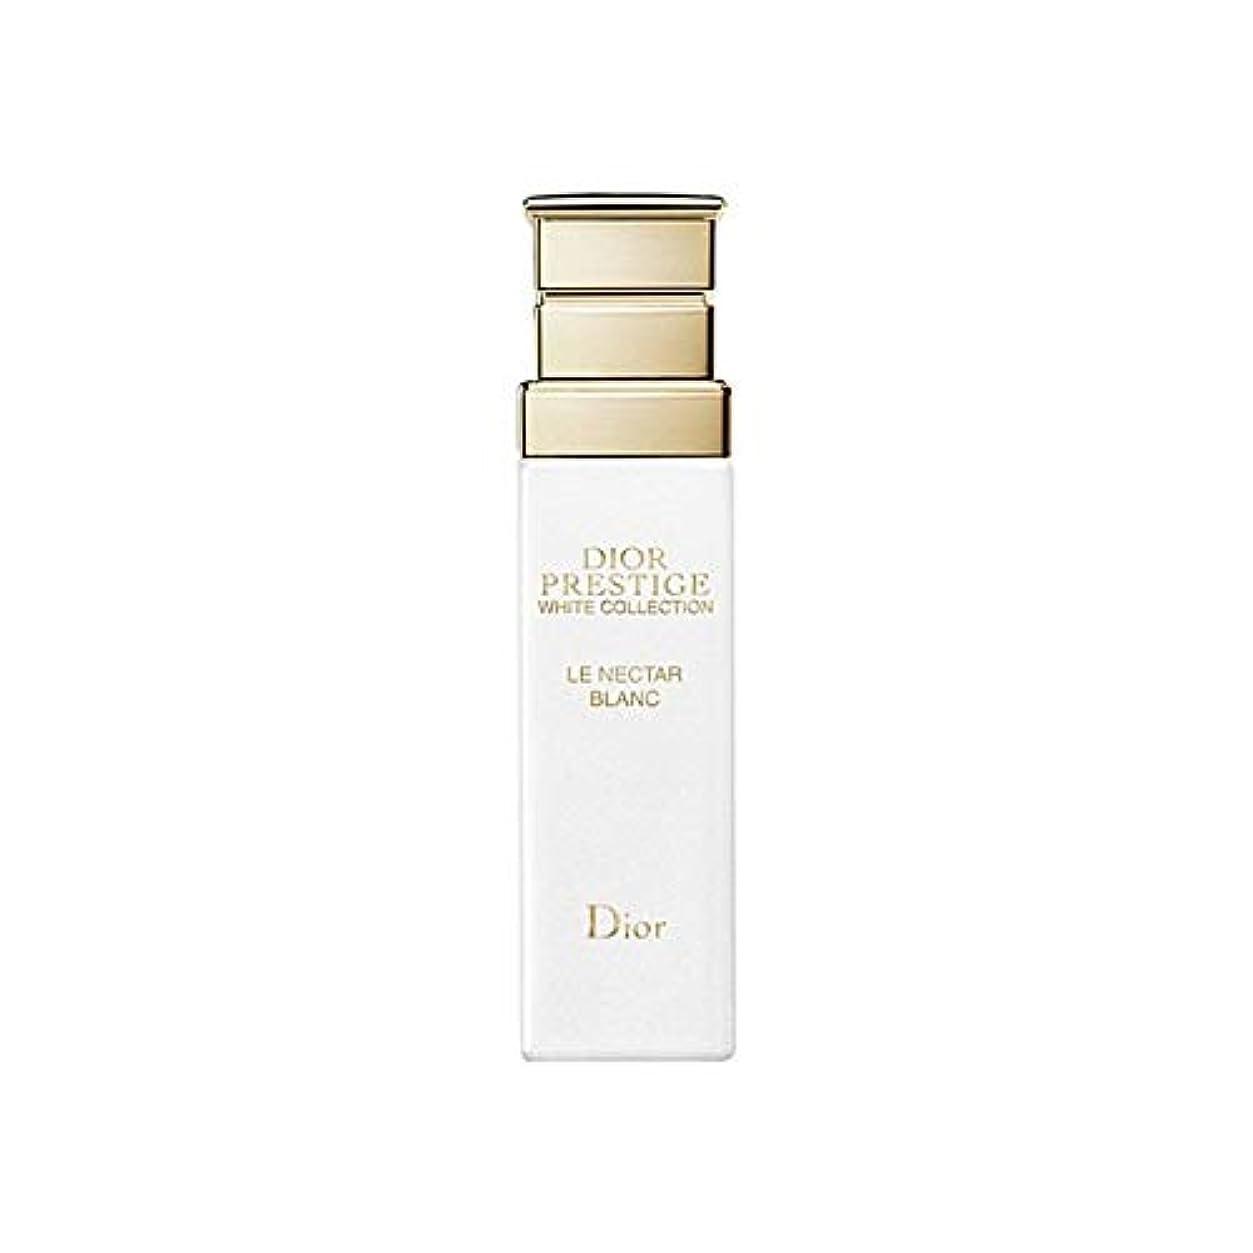 インゲンラップ無駄に[Dior] ディオール威信明るくセラム30Ml - Dior Prestige Brightening Serum 30ml [並行輸入品]